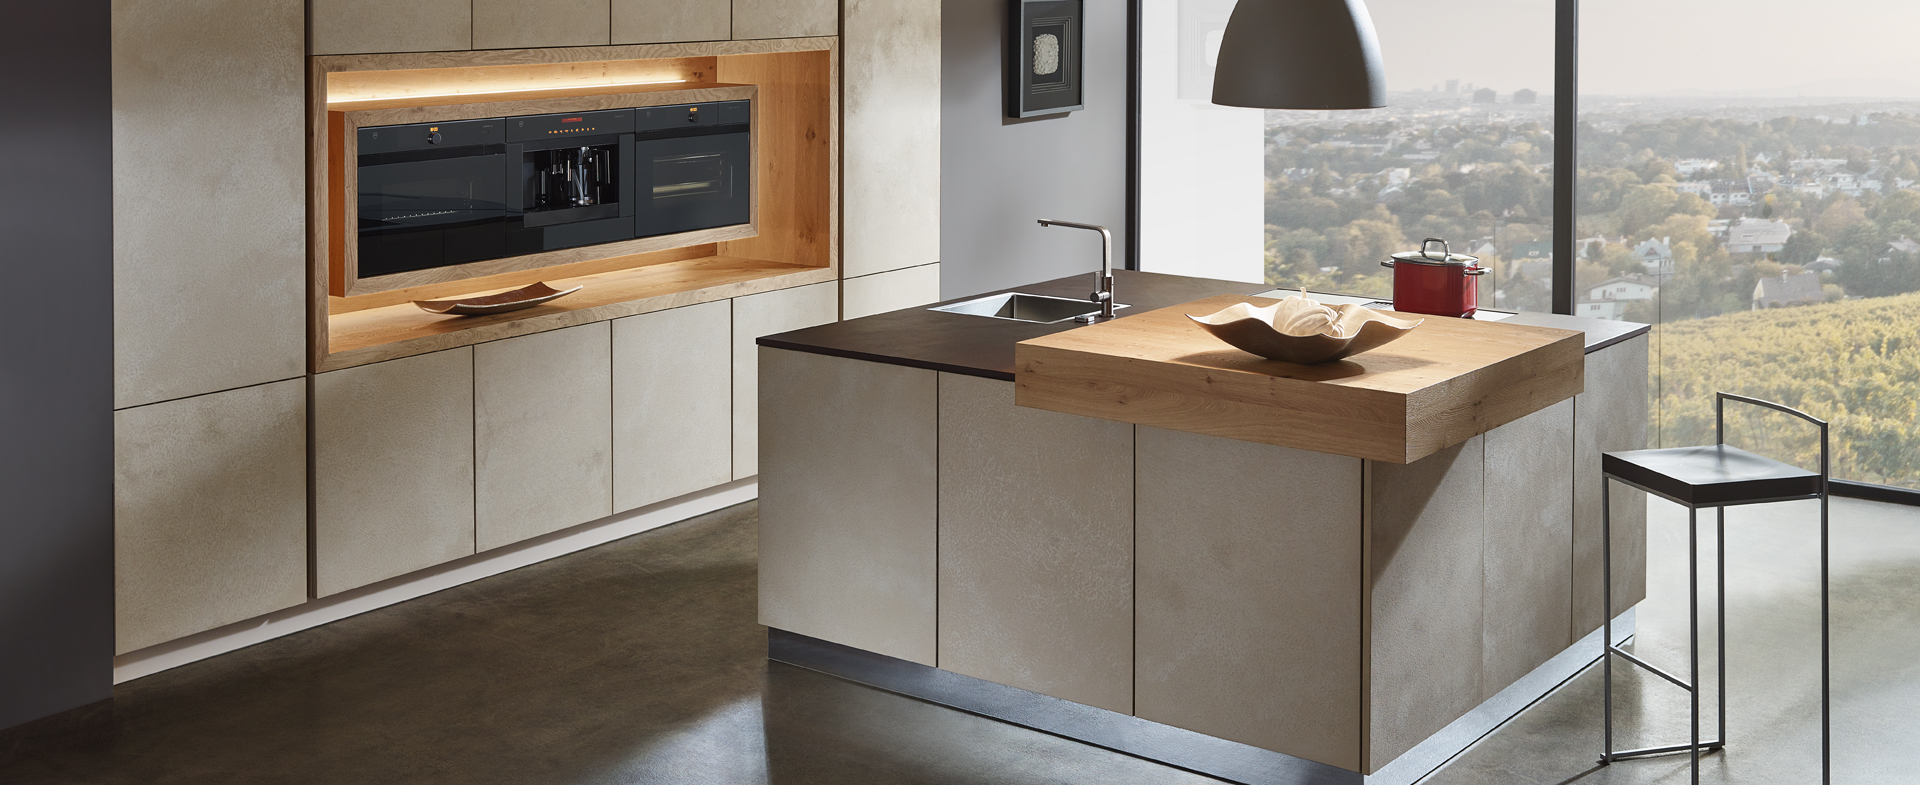 kchenstudio kassel excellent elegant affordable excellent full size of schwarz weis bilder. Black Bedroom Furniture Sets. Home Design Ideas